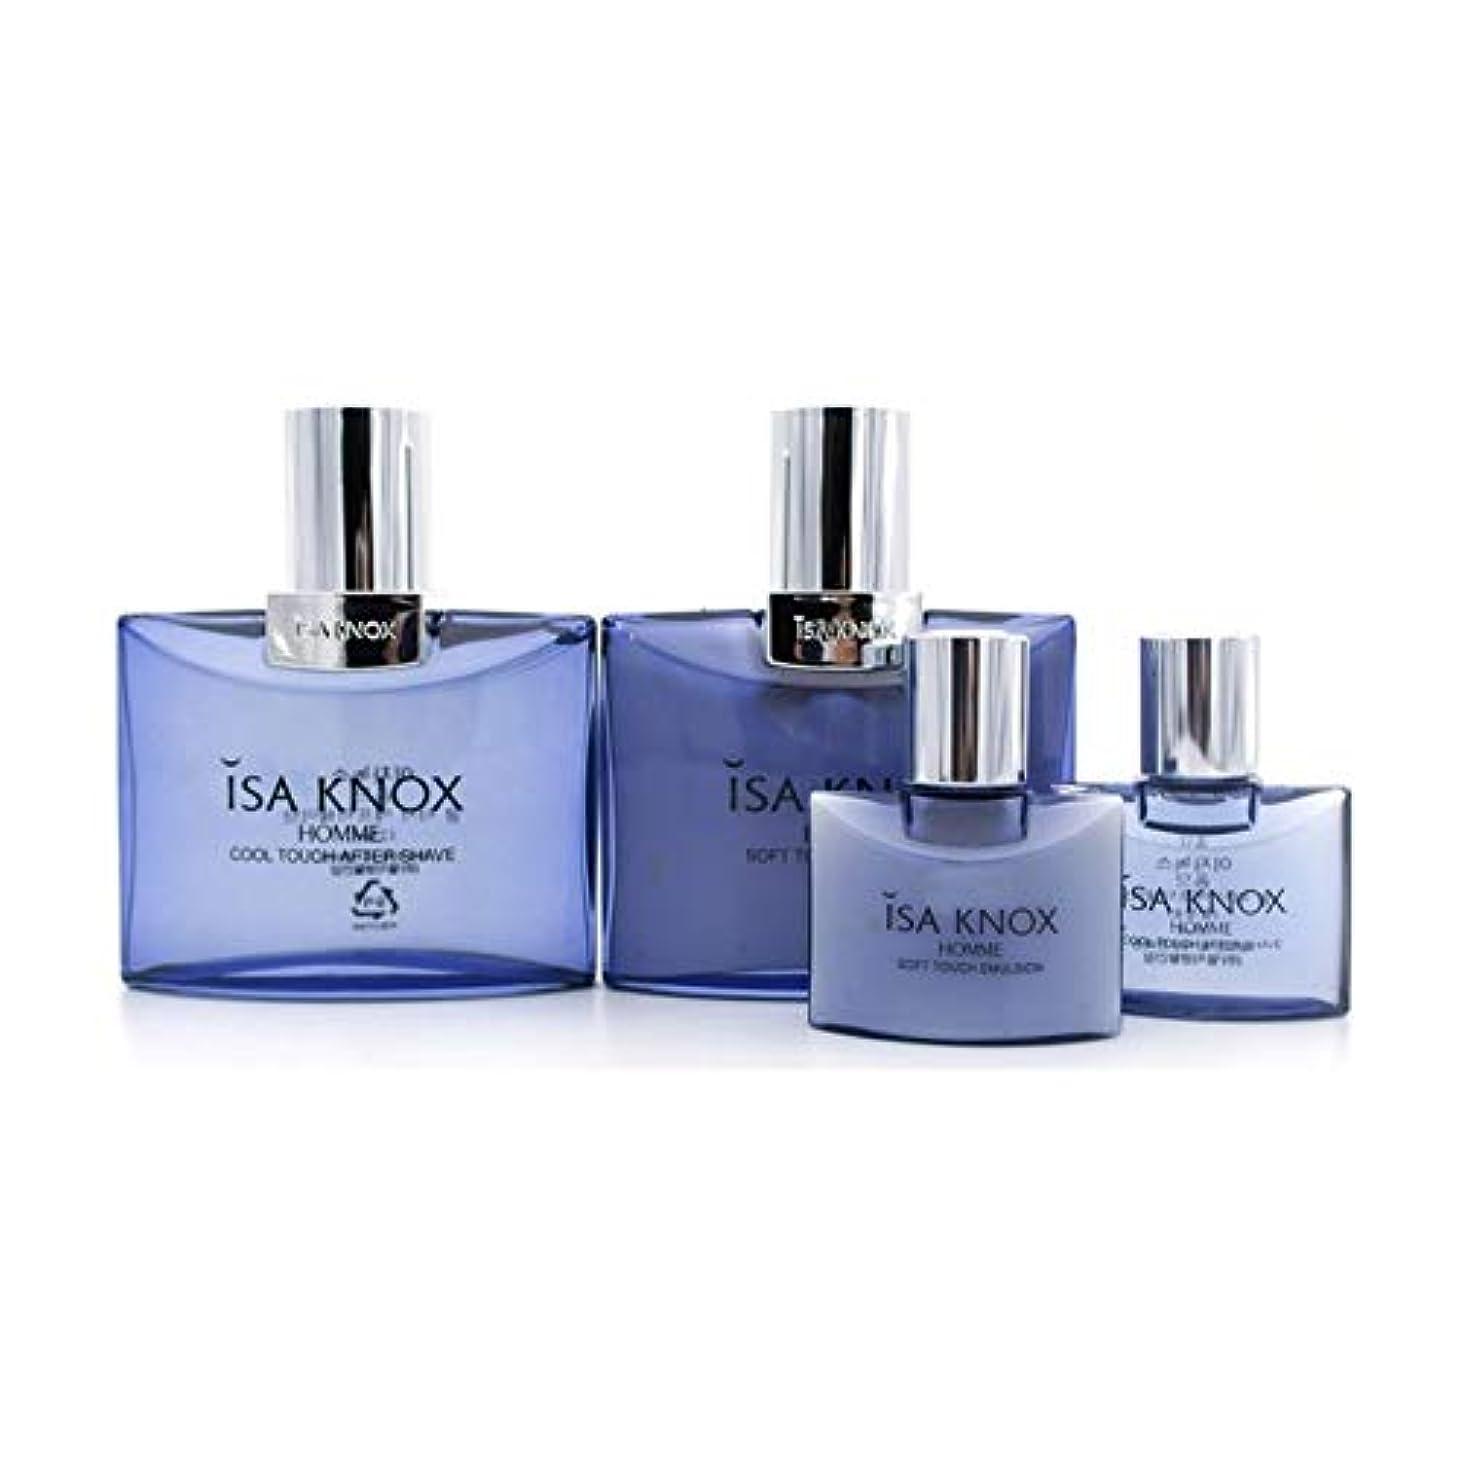 鎮静剤帆実行イザノックスオムアフターシェーブ160ml(125+35)エマルジョン160ml(125+35)セットメンズコスメ韓国コスメ、Isa Knox Homme After Shave Emulsion Set Men's Cosmetics...